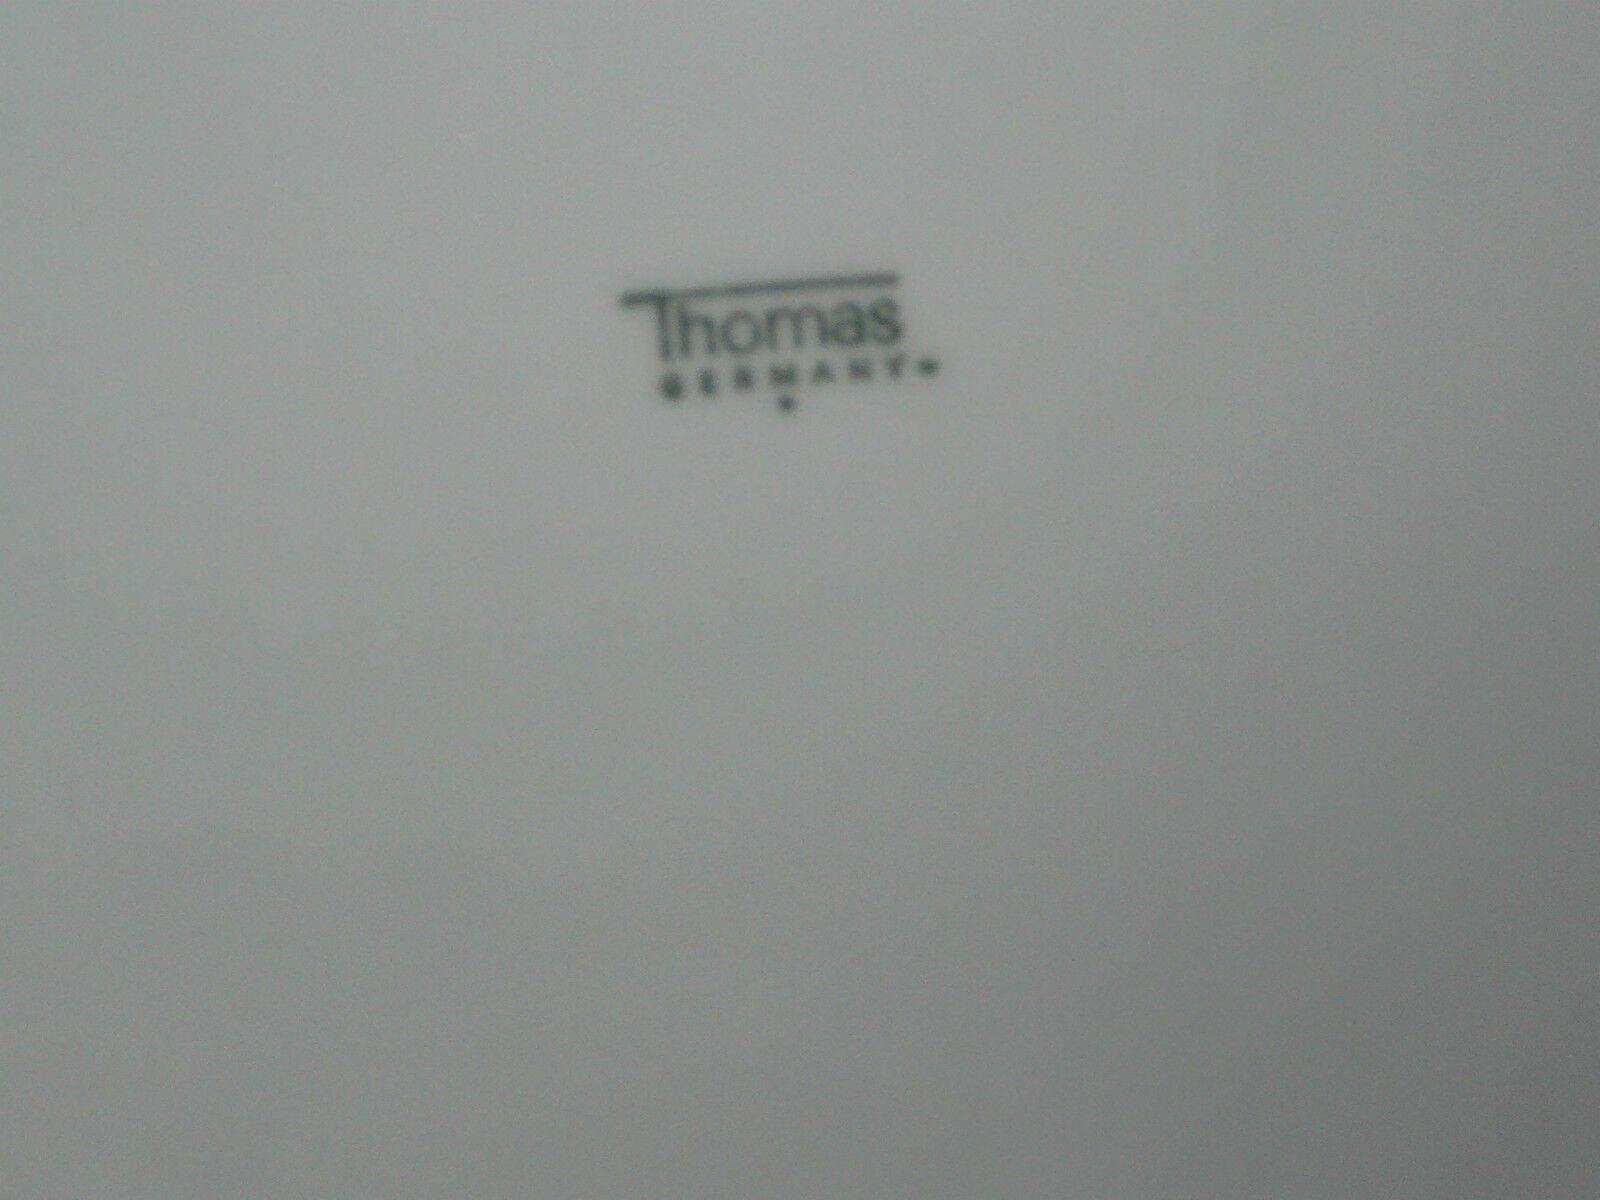 1  Schüssel       Servierschüssel  23 cm   10 cm  Thomas  KIRUNA   FRÜHLING | Lassen Sie unsere Produkte in die Welt gehen  fd3b47